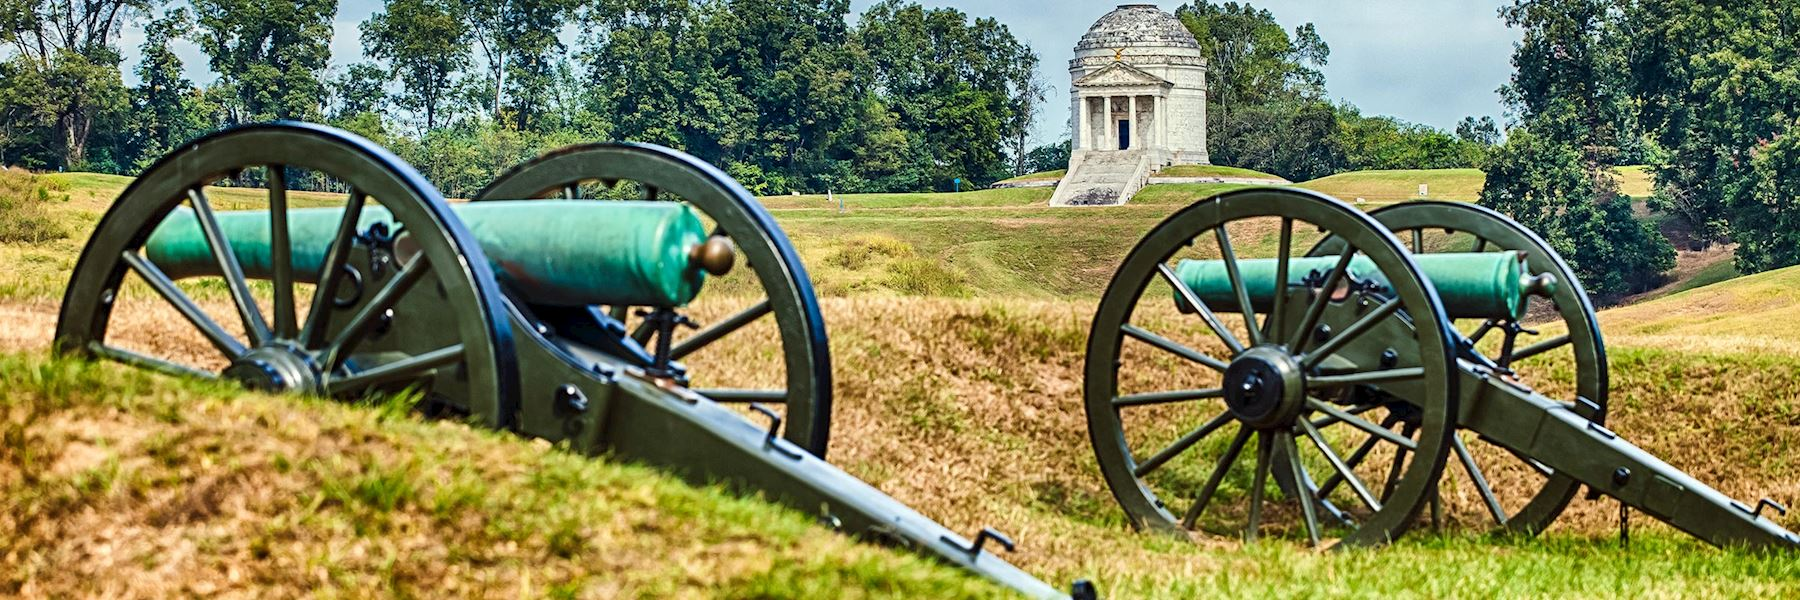 Visit Vicksburg, Deep South